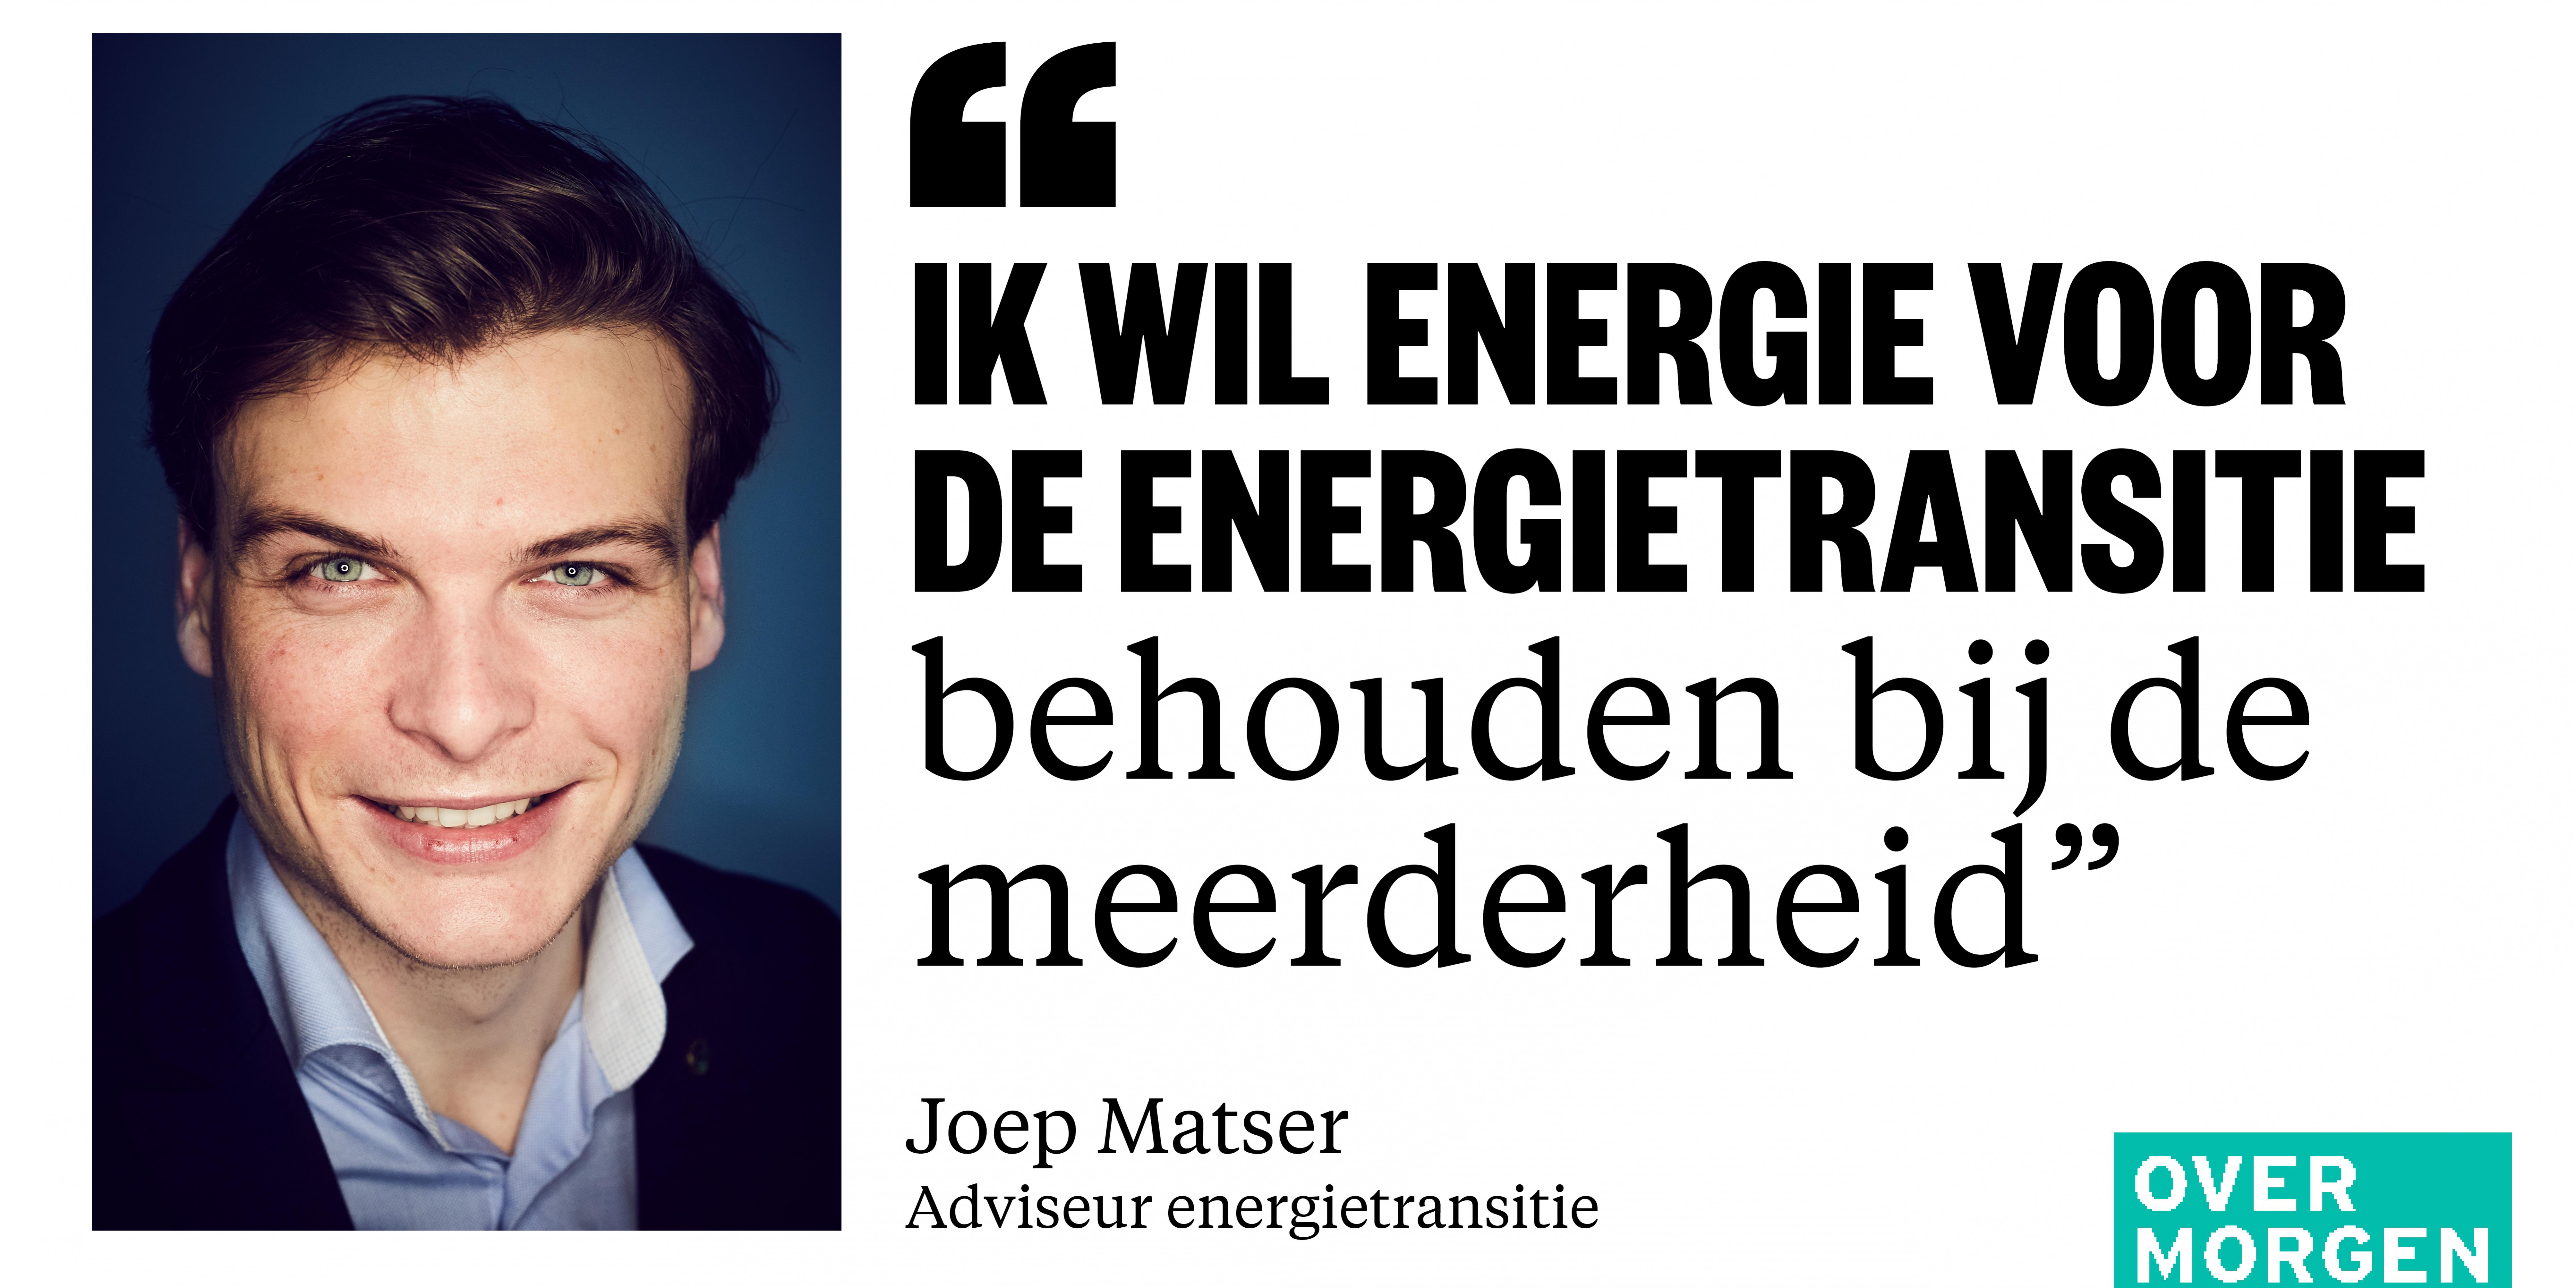 Joep Matser